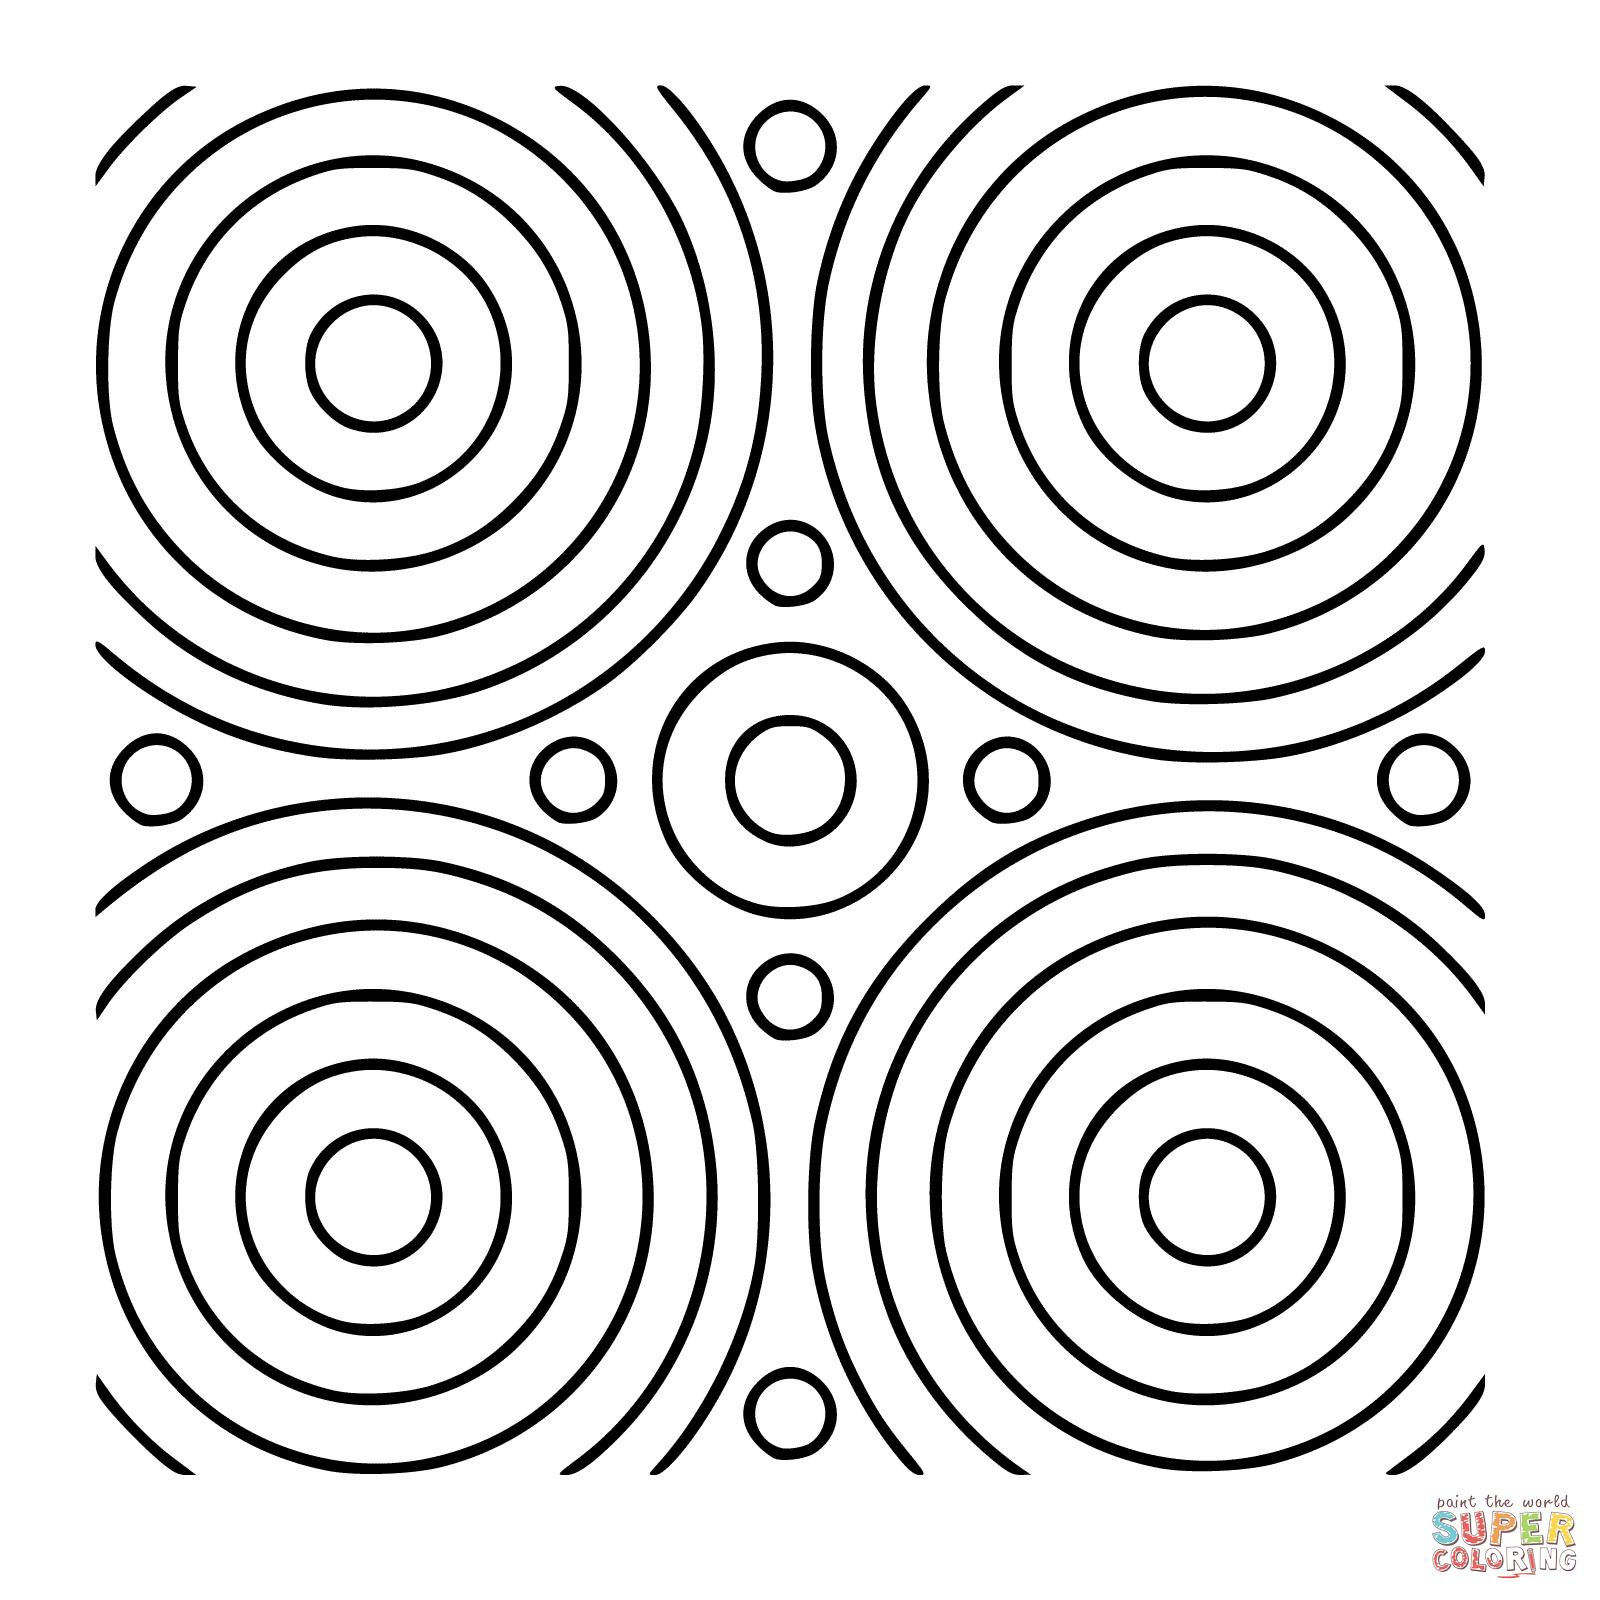 Geometrik Mandala Boyama 2 Sinif Ogretmenleri Icin Ucretsiz